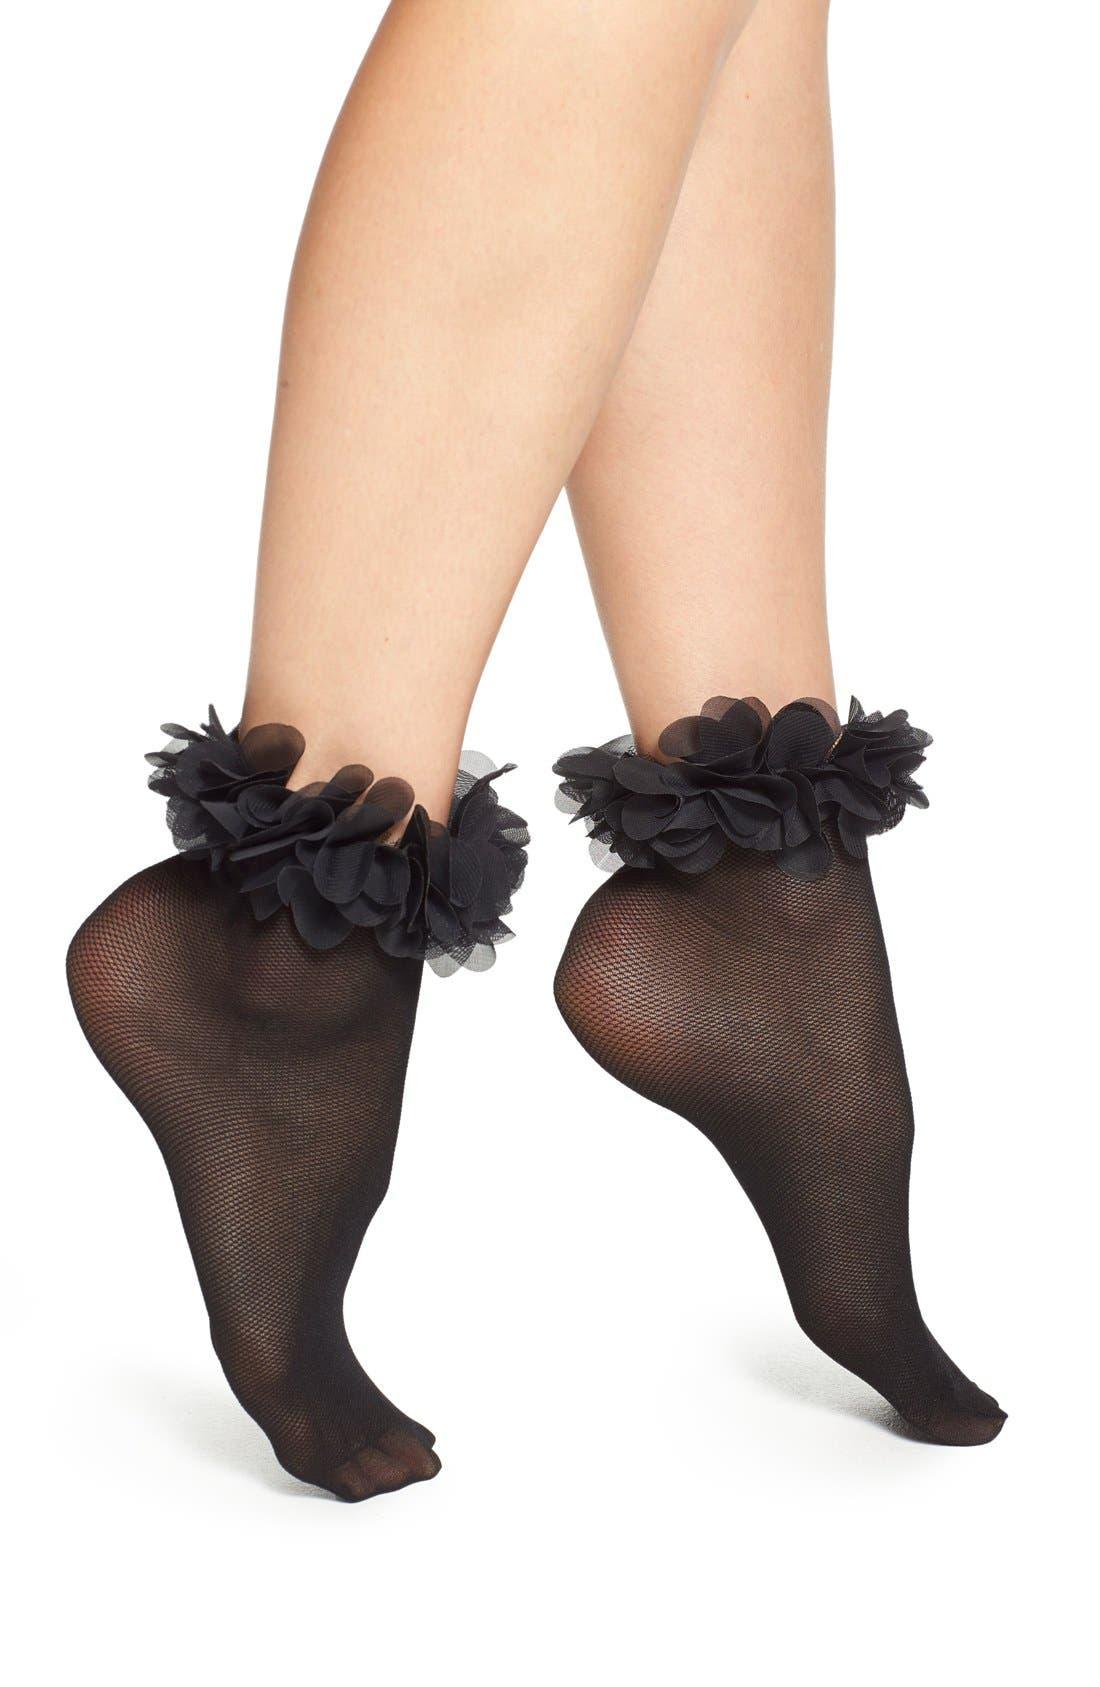 Alternate Image 1 Selected - Nordstrom 'Petal' Anklet Socks